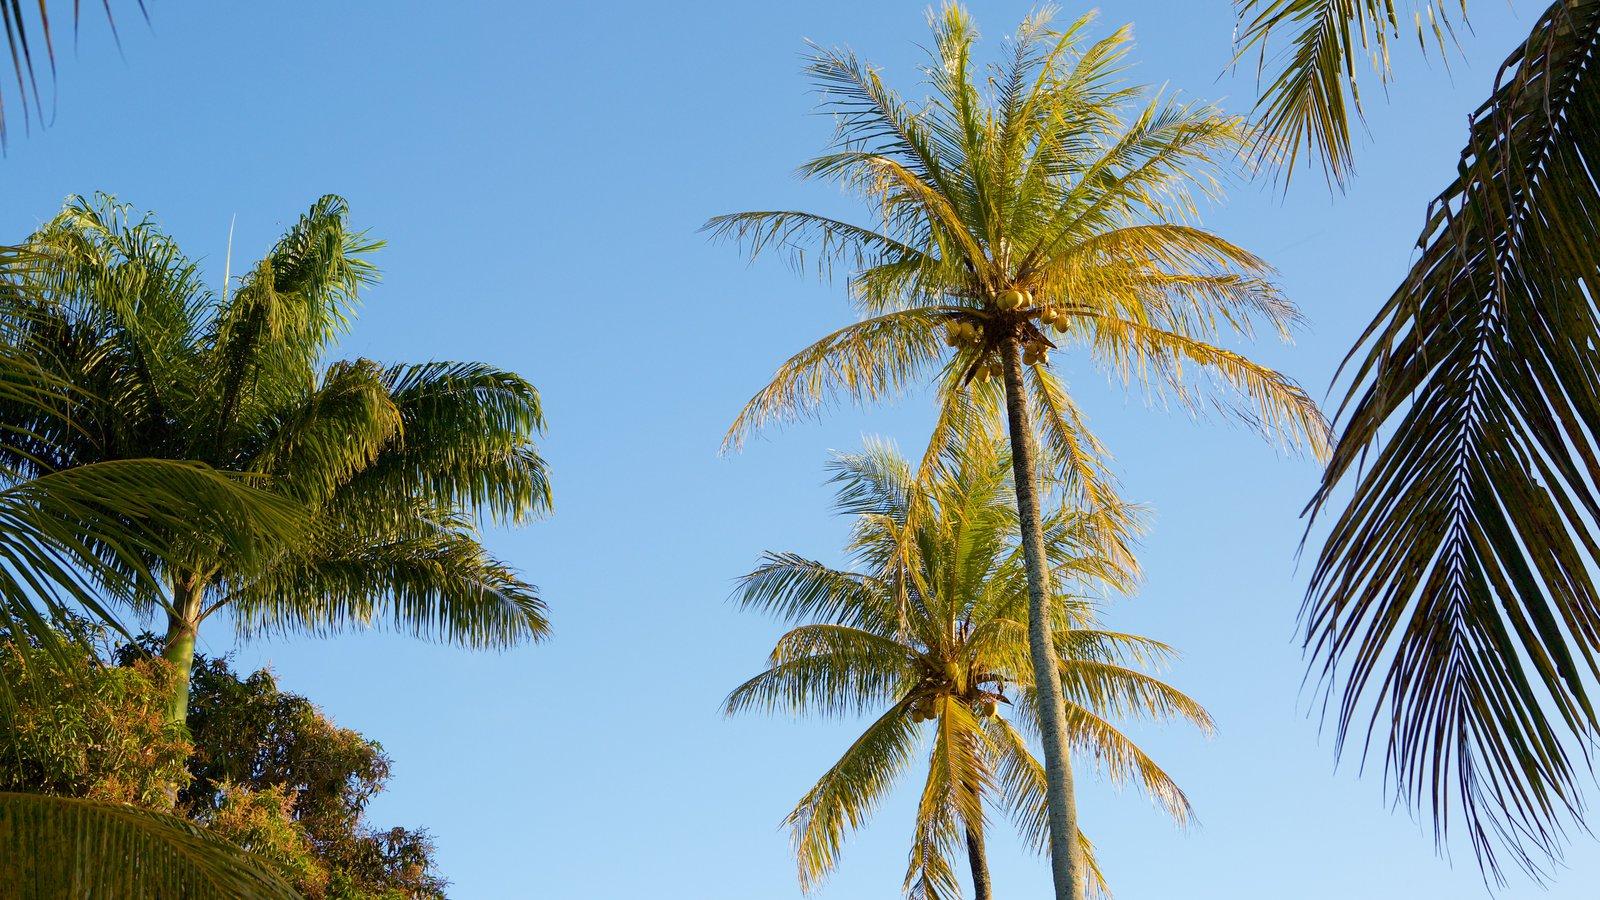 Porto Seguro caracterizando cenas tropicais